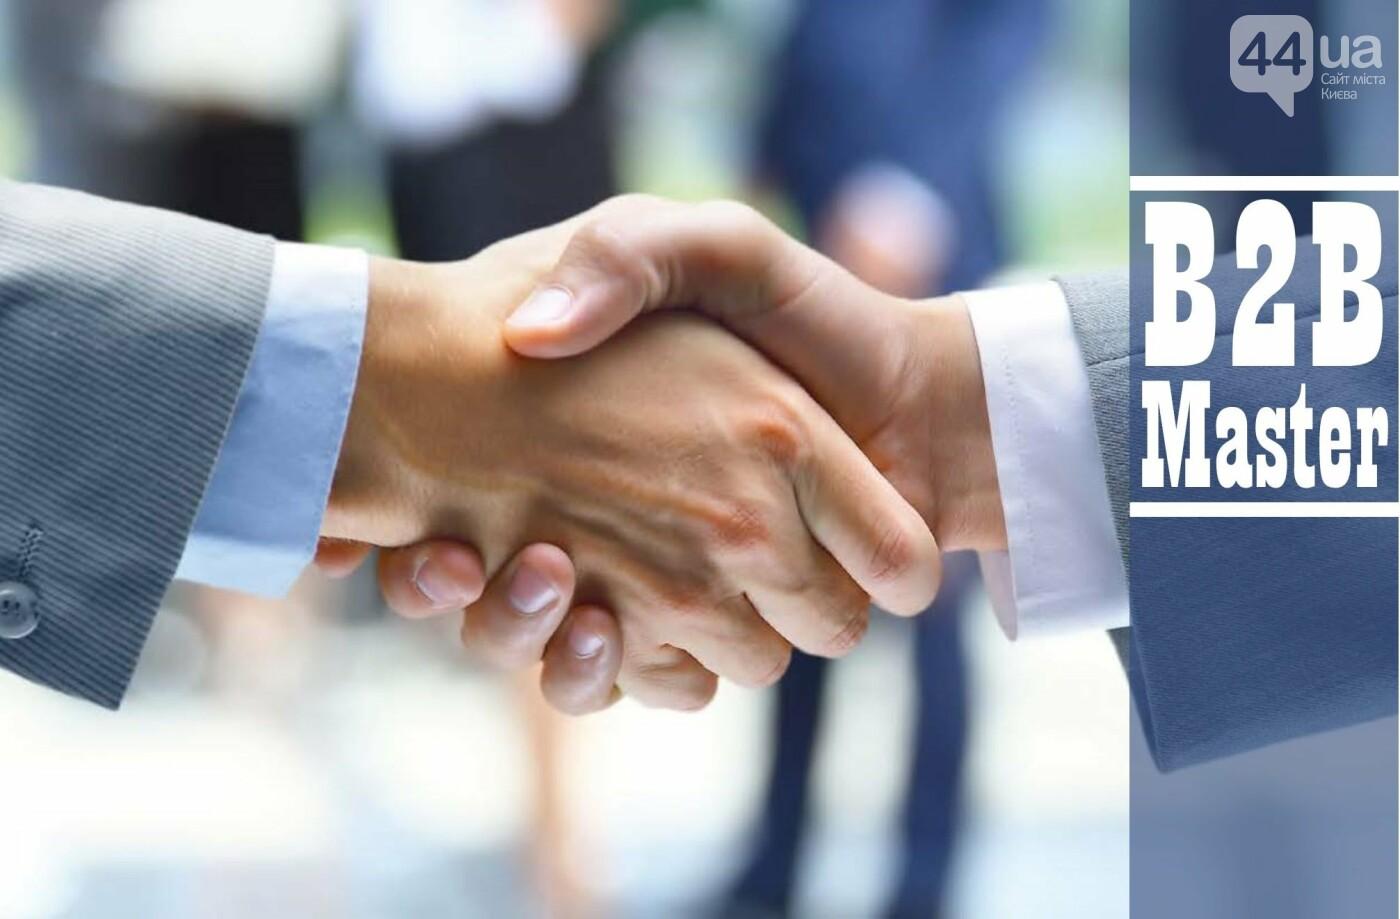 XI Масштабная конференция В2В MASTER-2021 Битва Лучших Тренеров: Прорыв года в управлении и продажах, фото-1